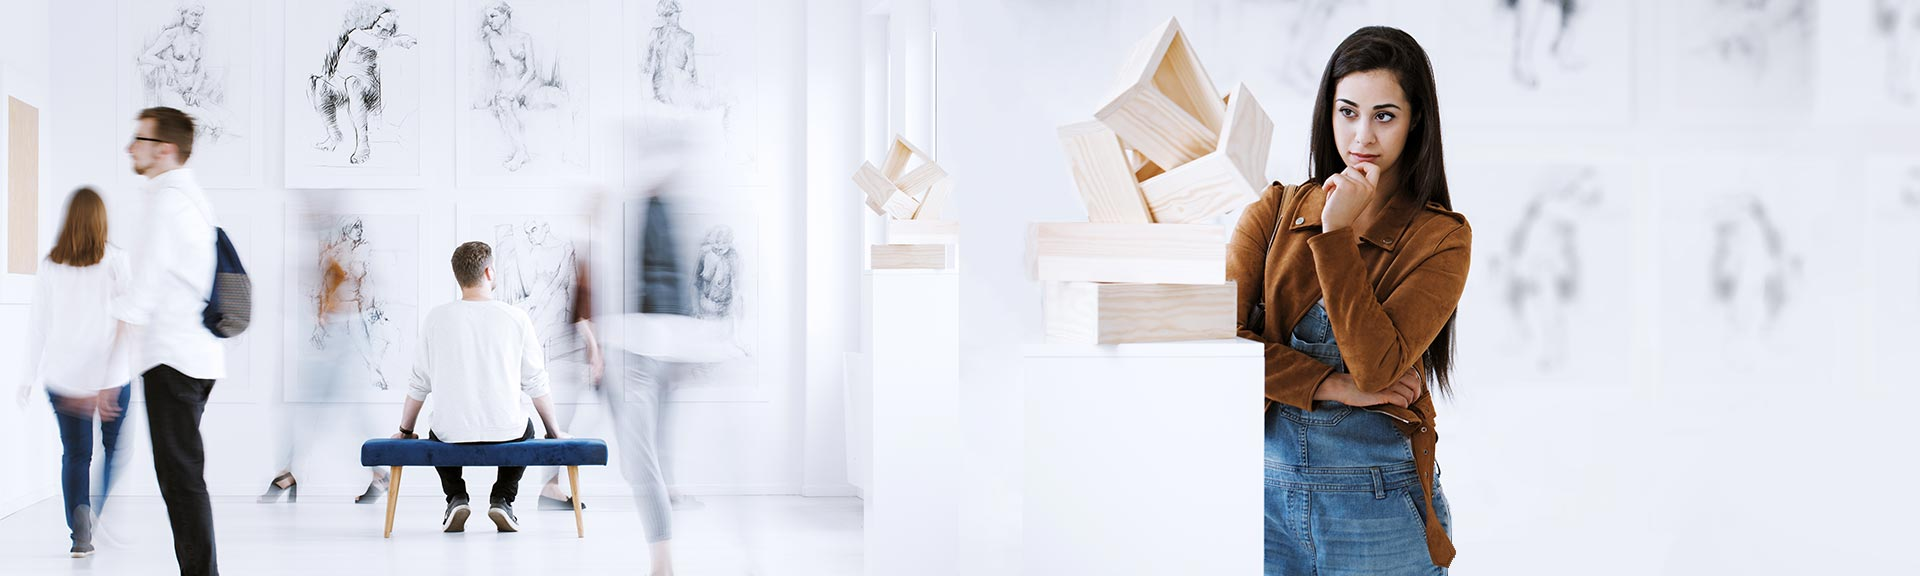 Muzea a umělecké galerie